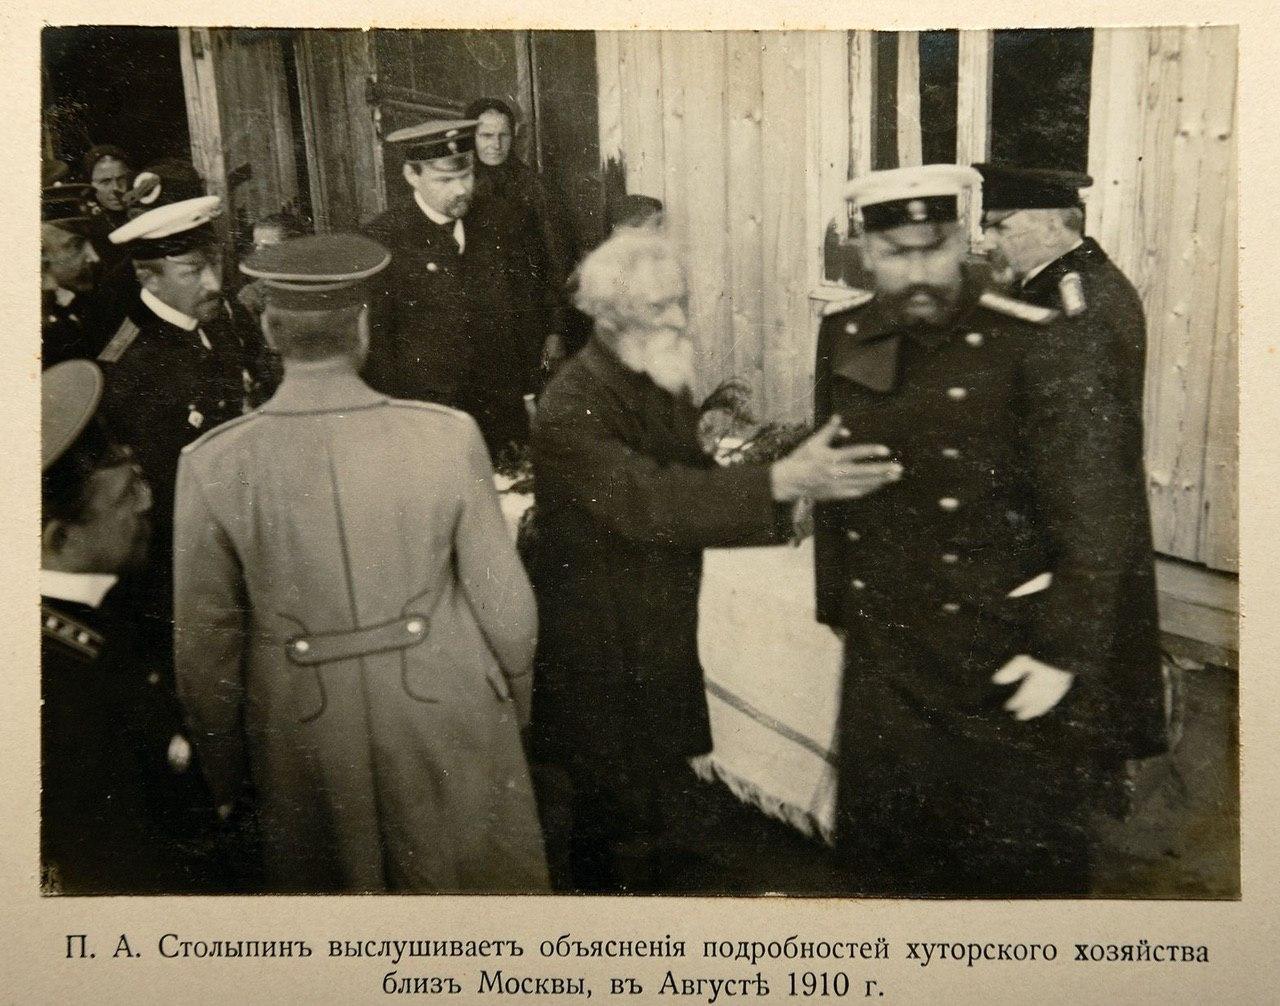 Из воспоминаний дочери П.А. Столыпина